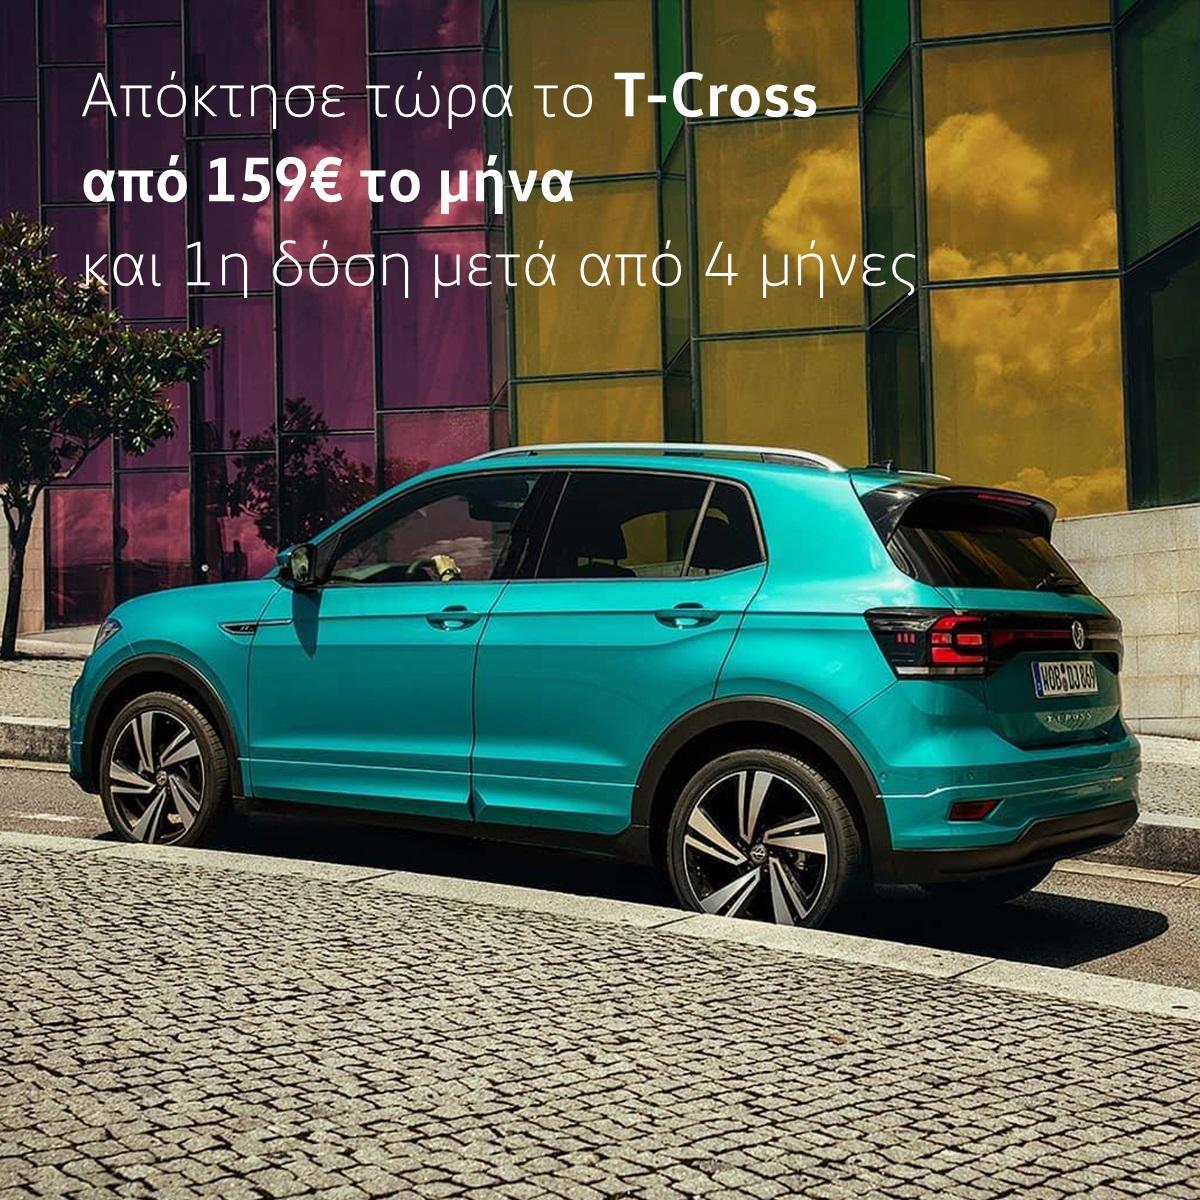 Προσφορά Volkswagen T-Cross από 159€/μήνα